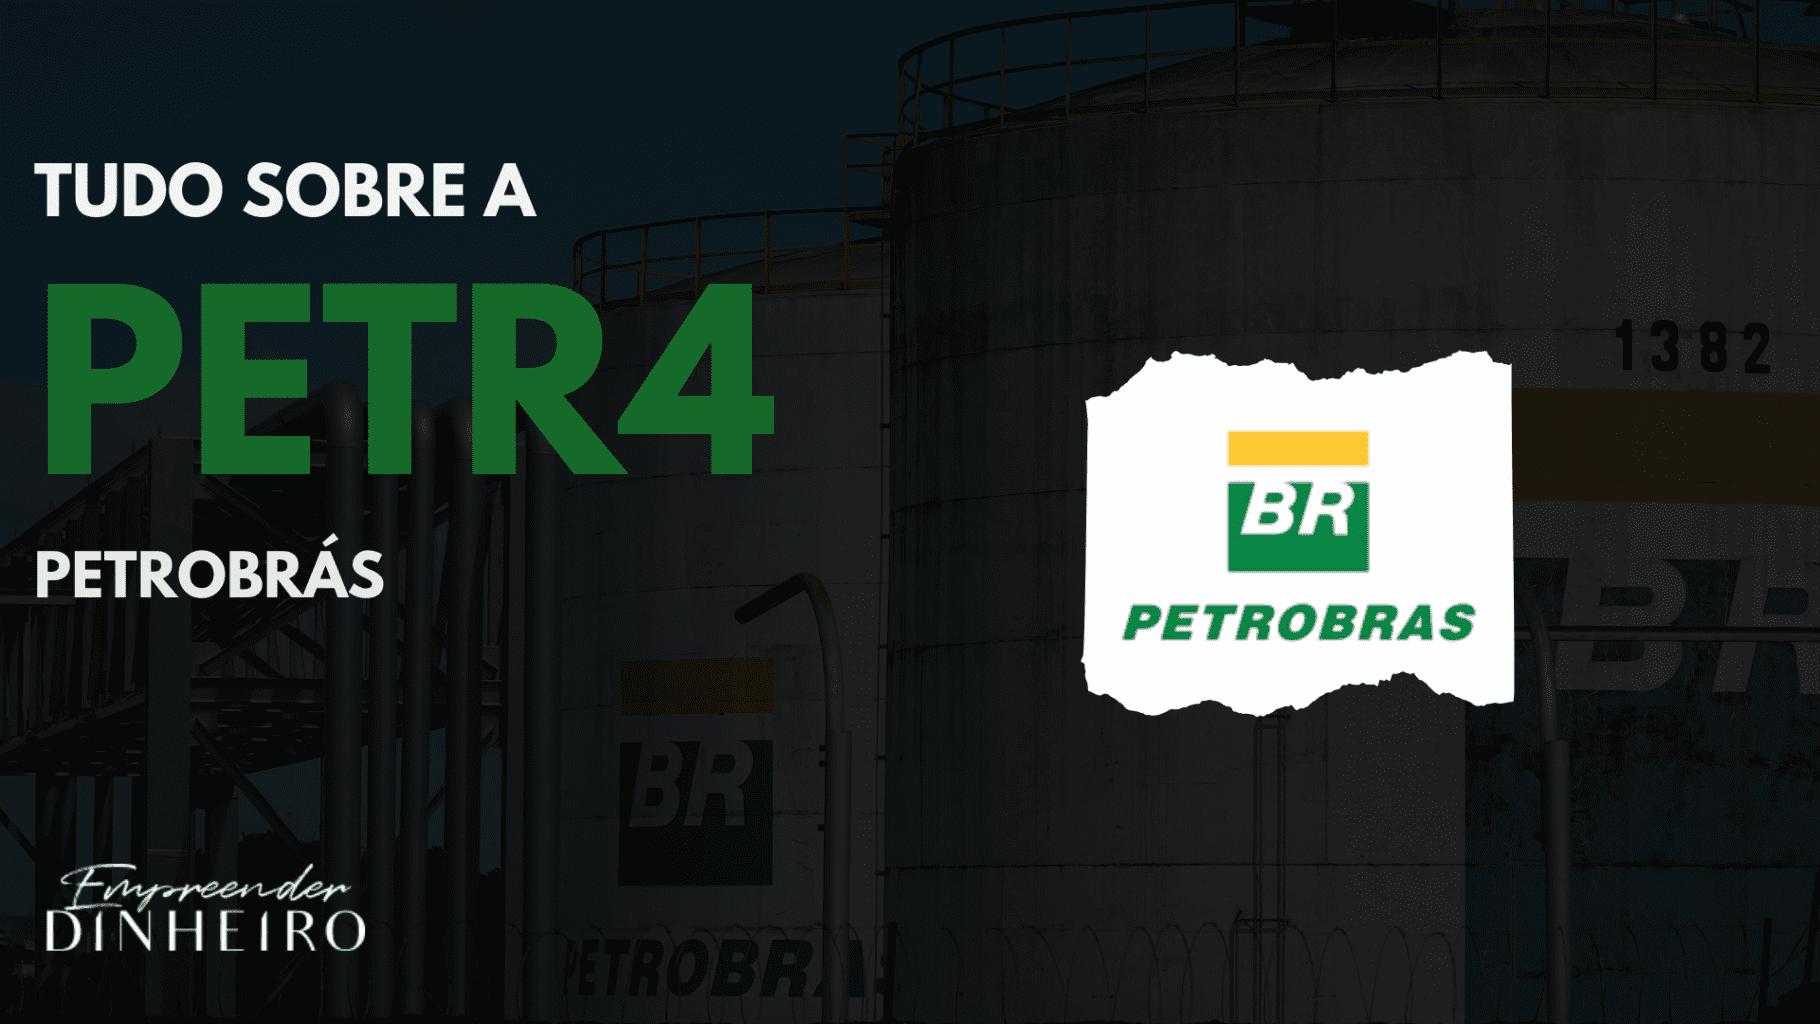 petrobras investimentos petr4 petr3